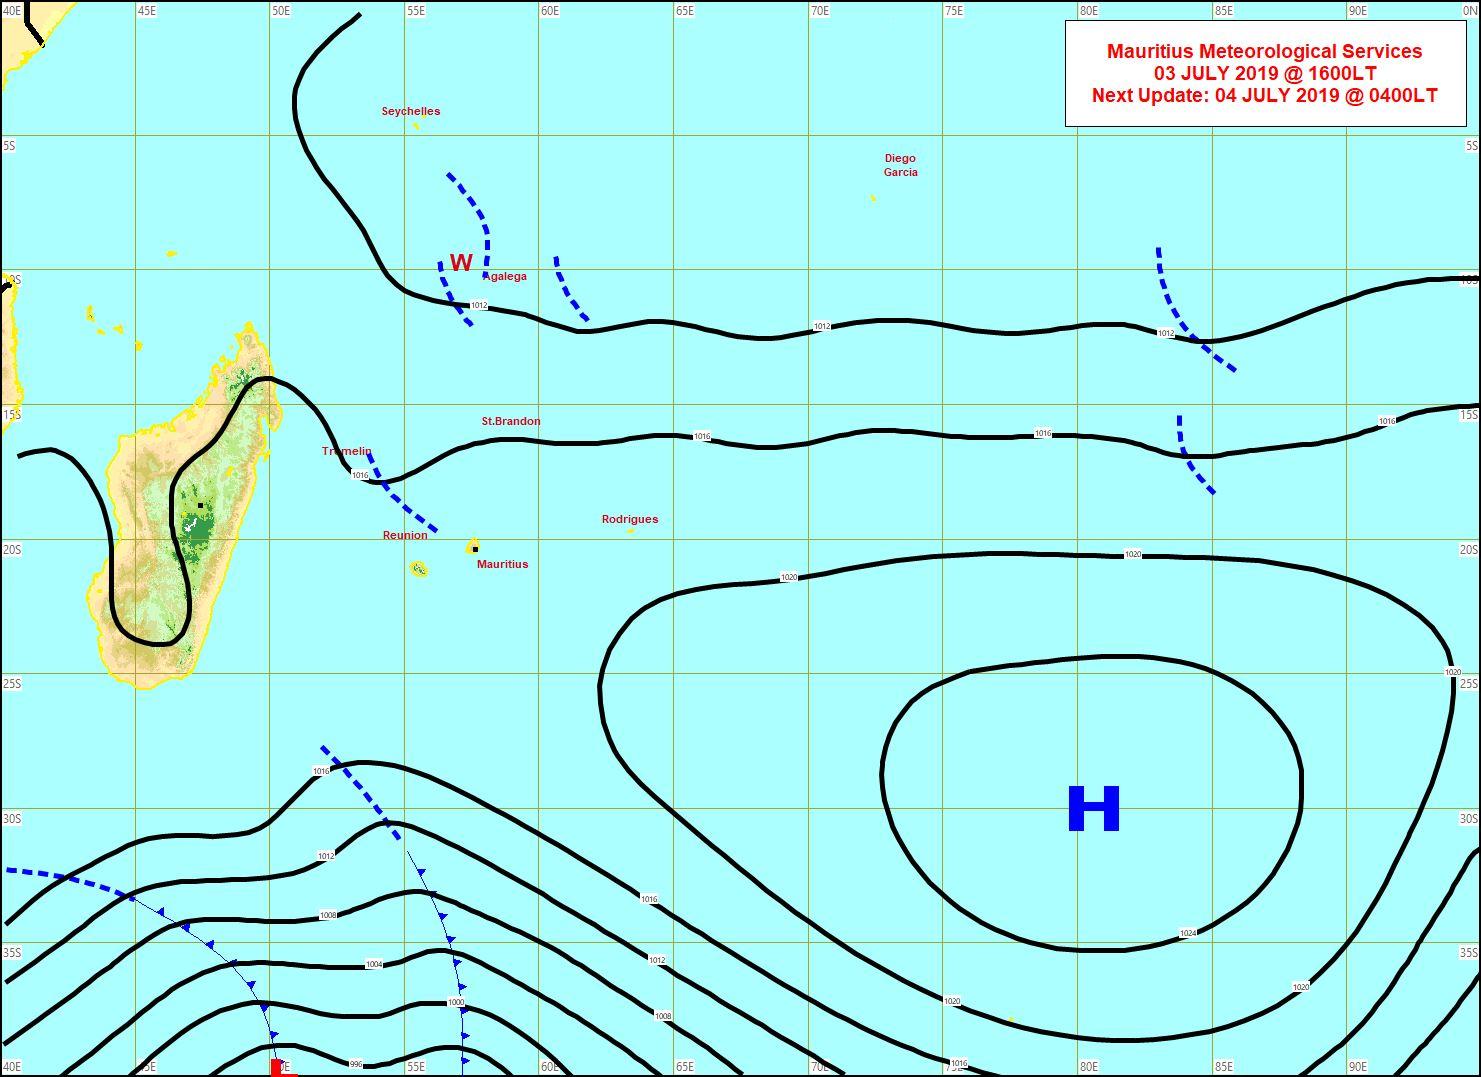 Analyse de surface cet après midi. MMS